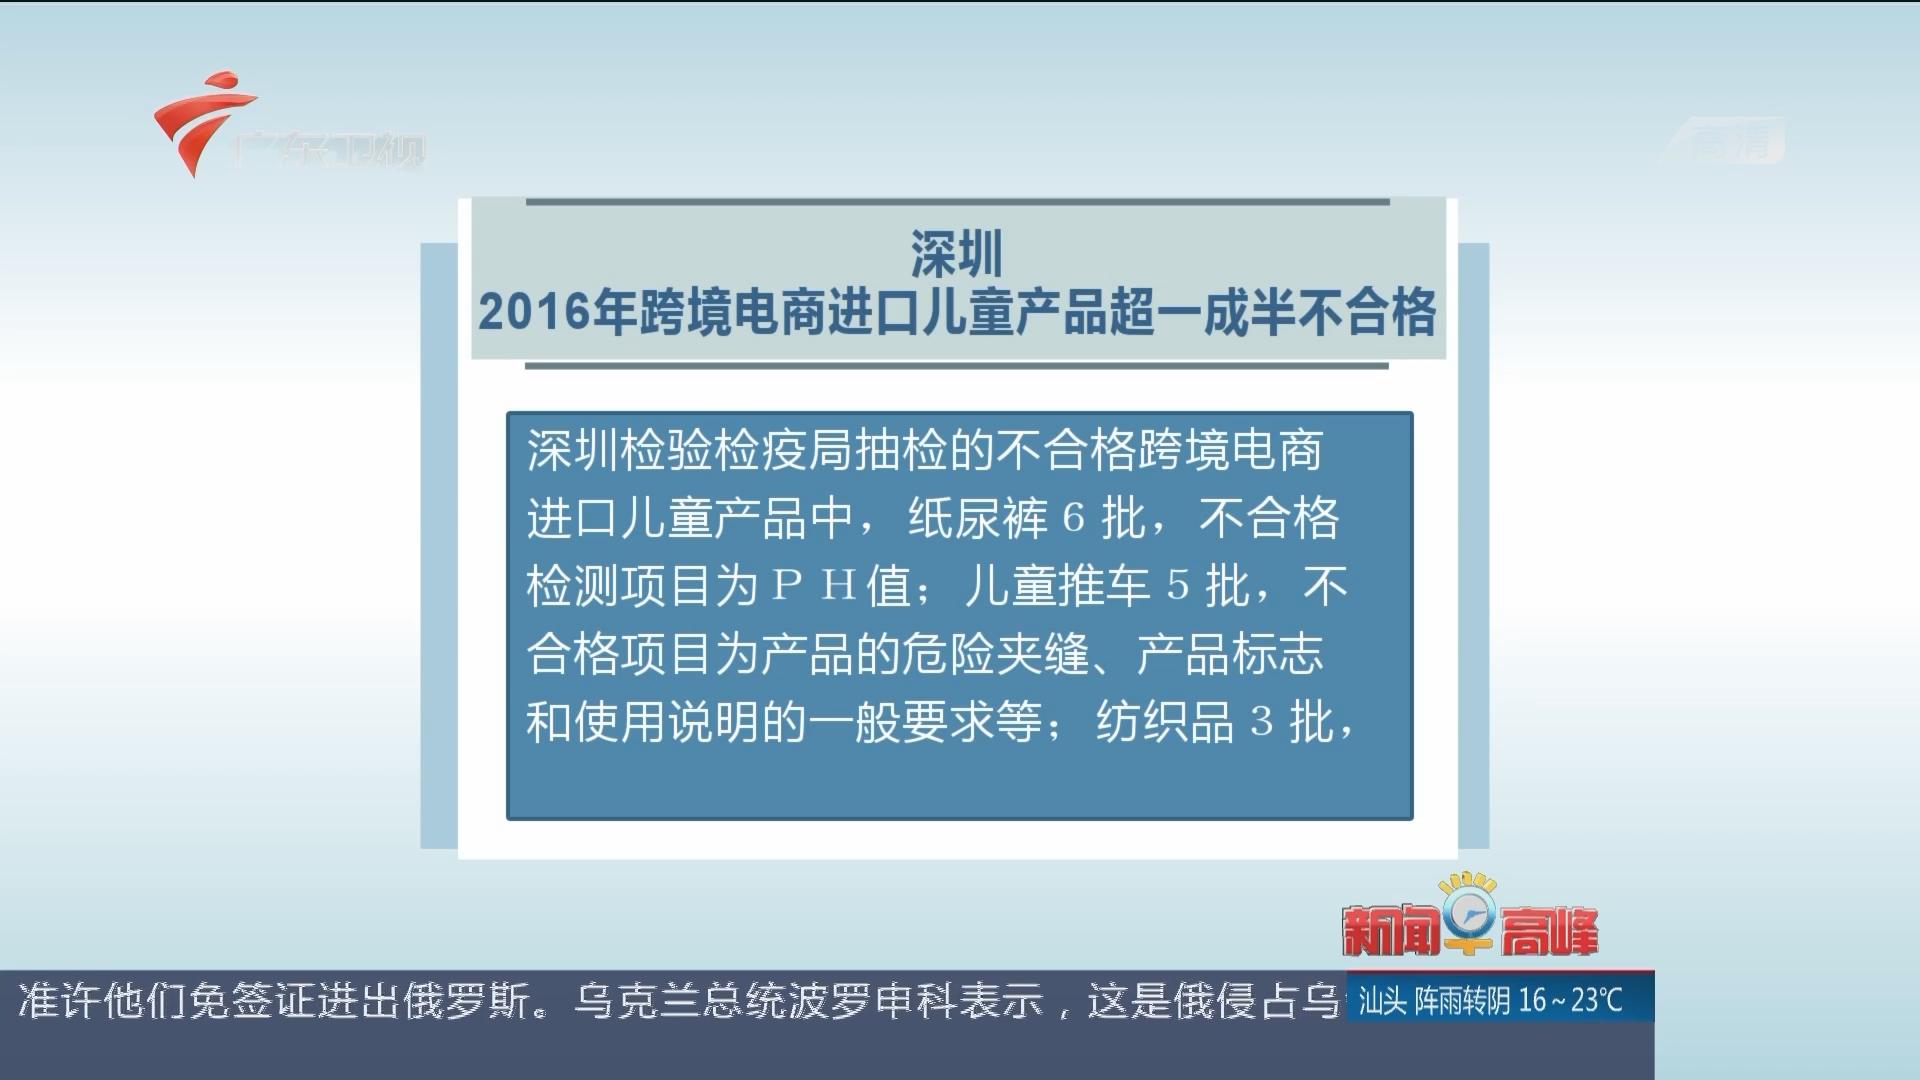 深圳:2016年跨境电商进口儿童产品超一成半不合格